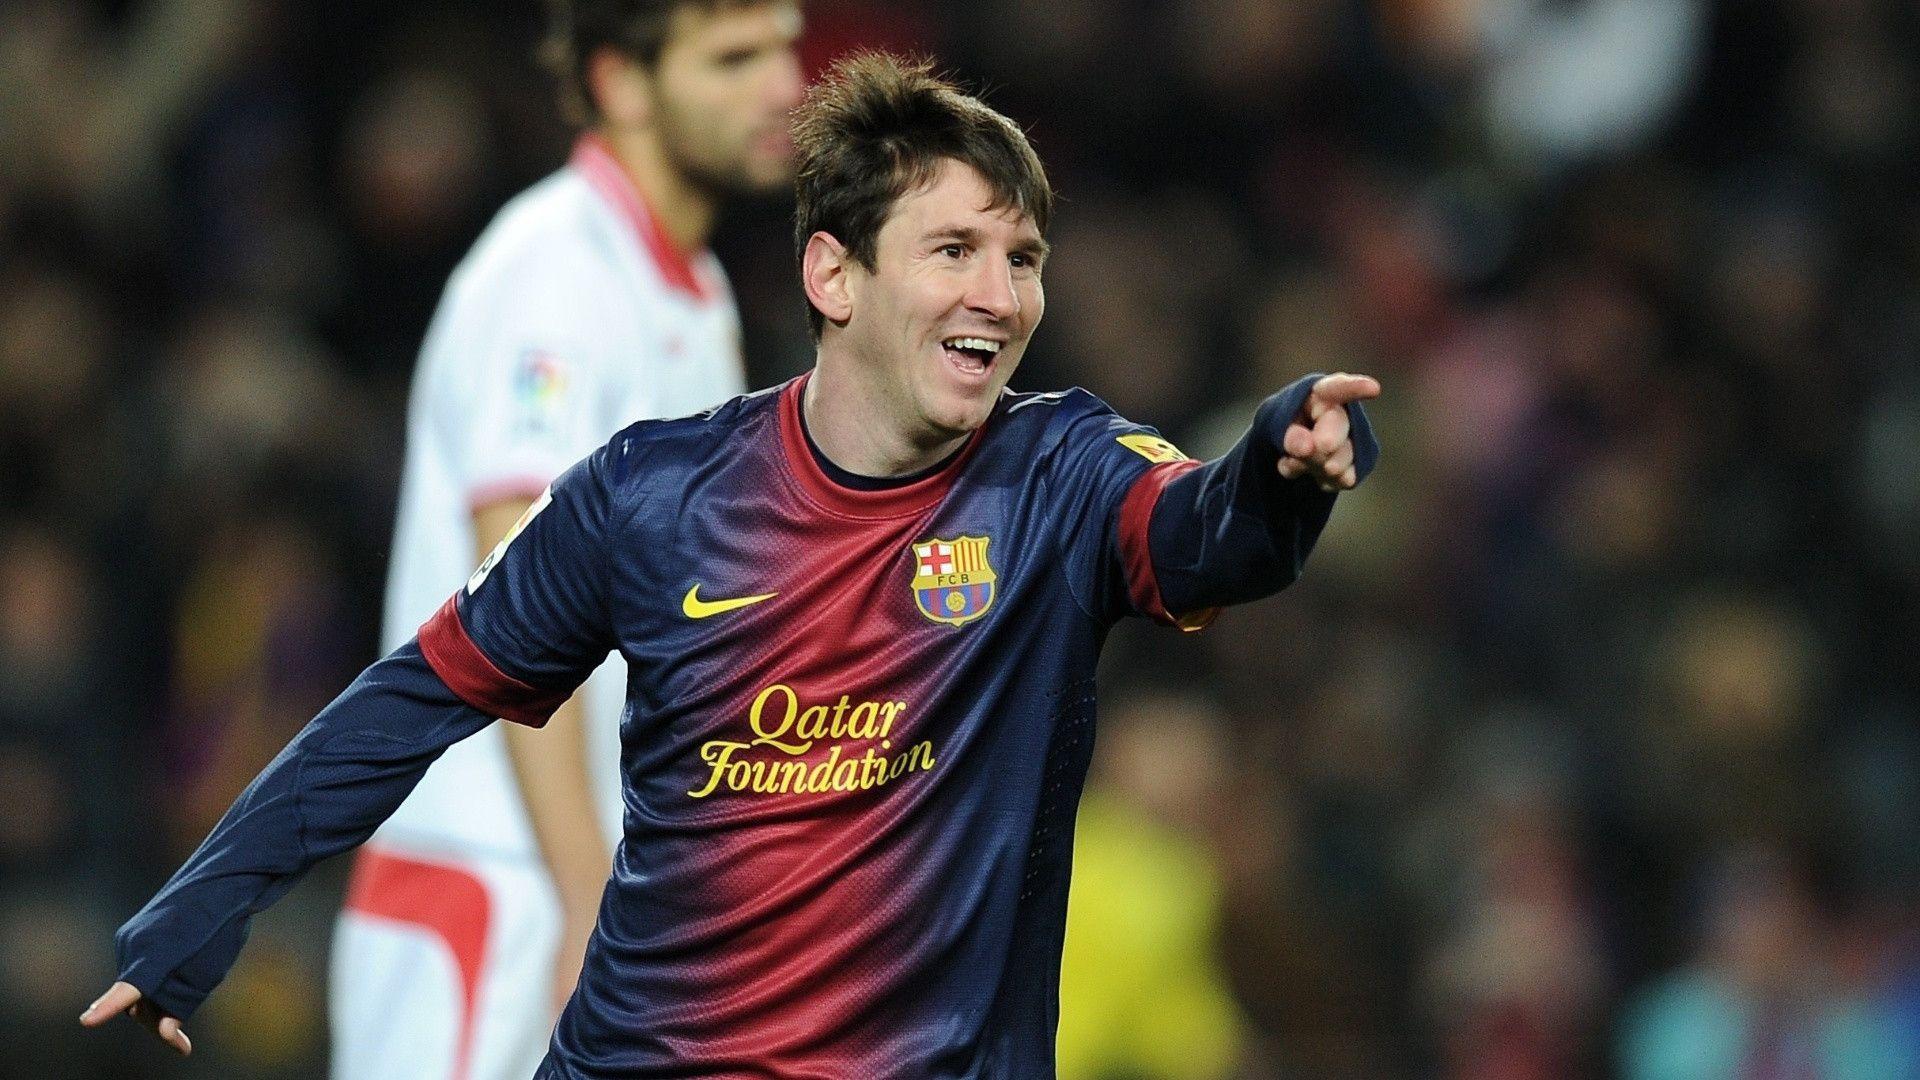 Lionel Messi Wallpaper 2014 | Sky HD Wallpaper